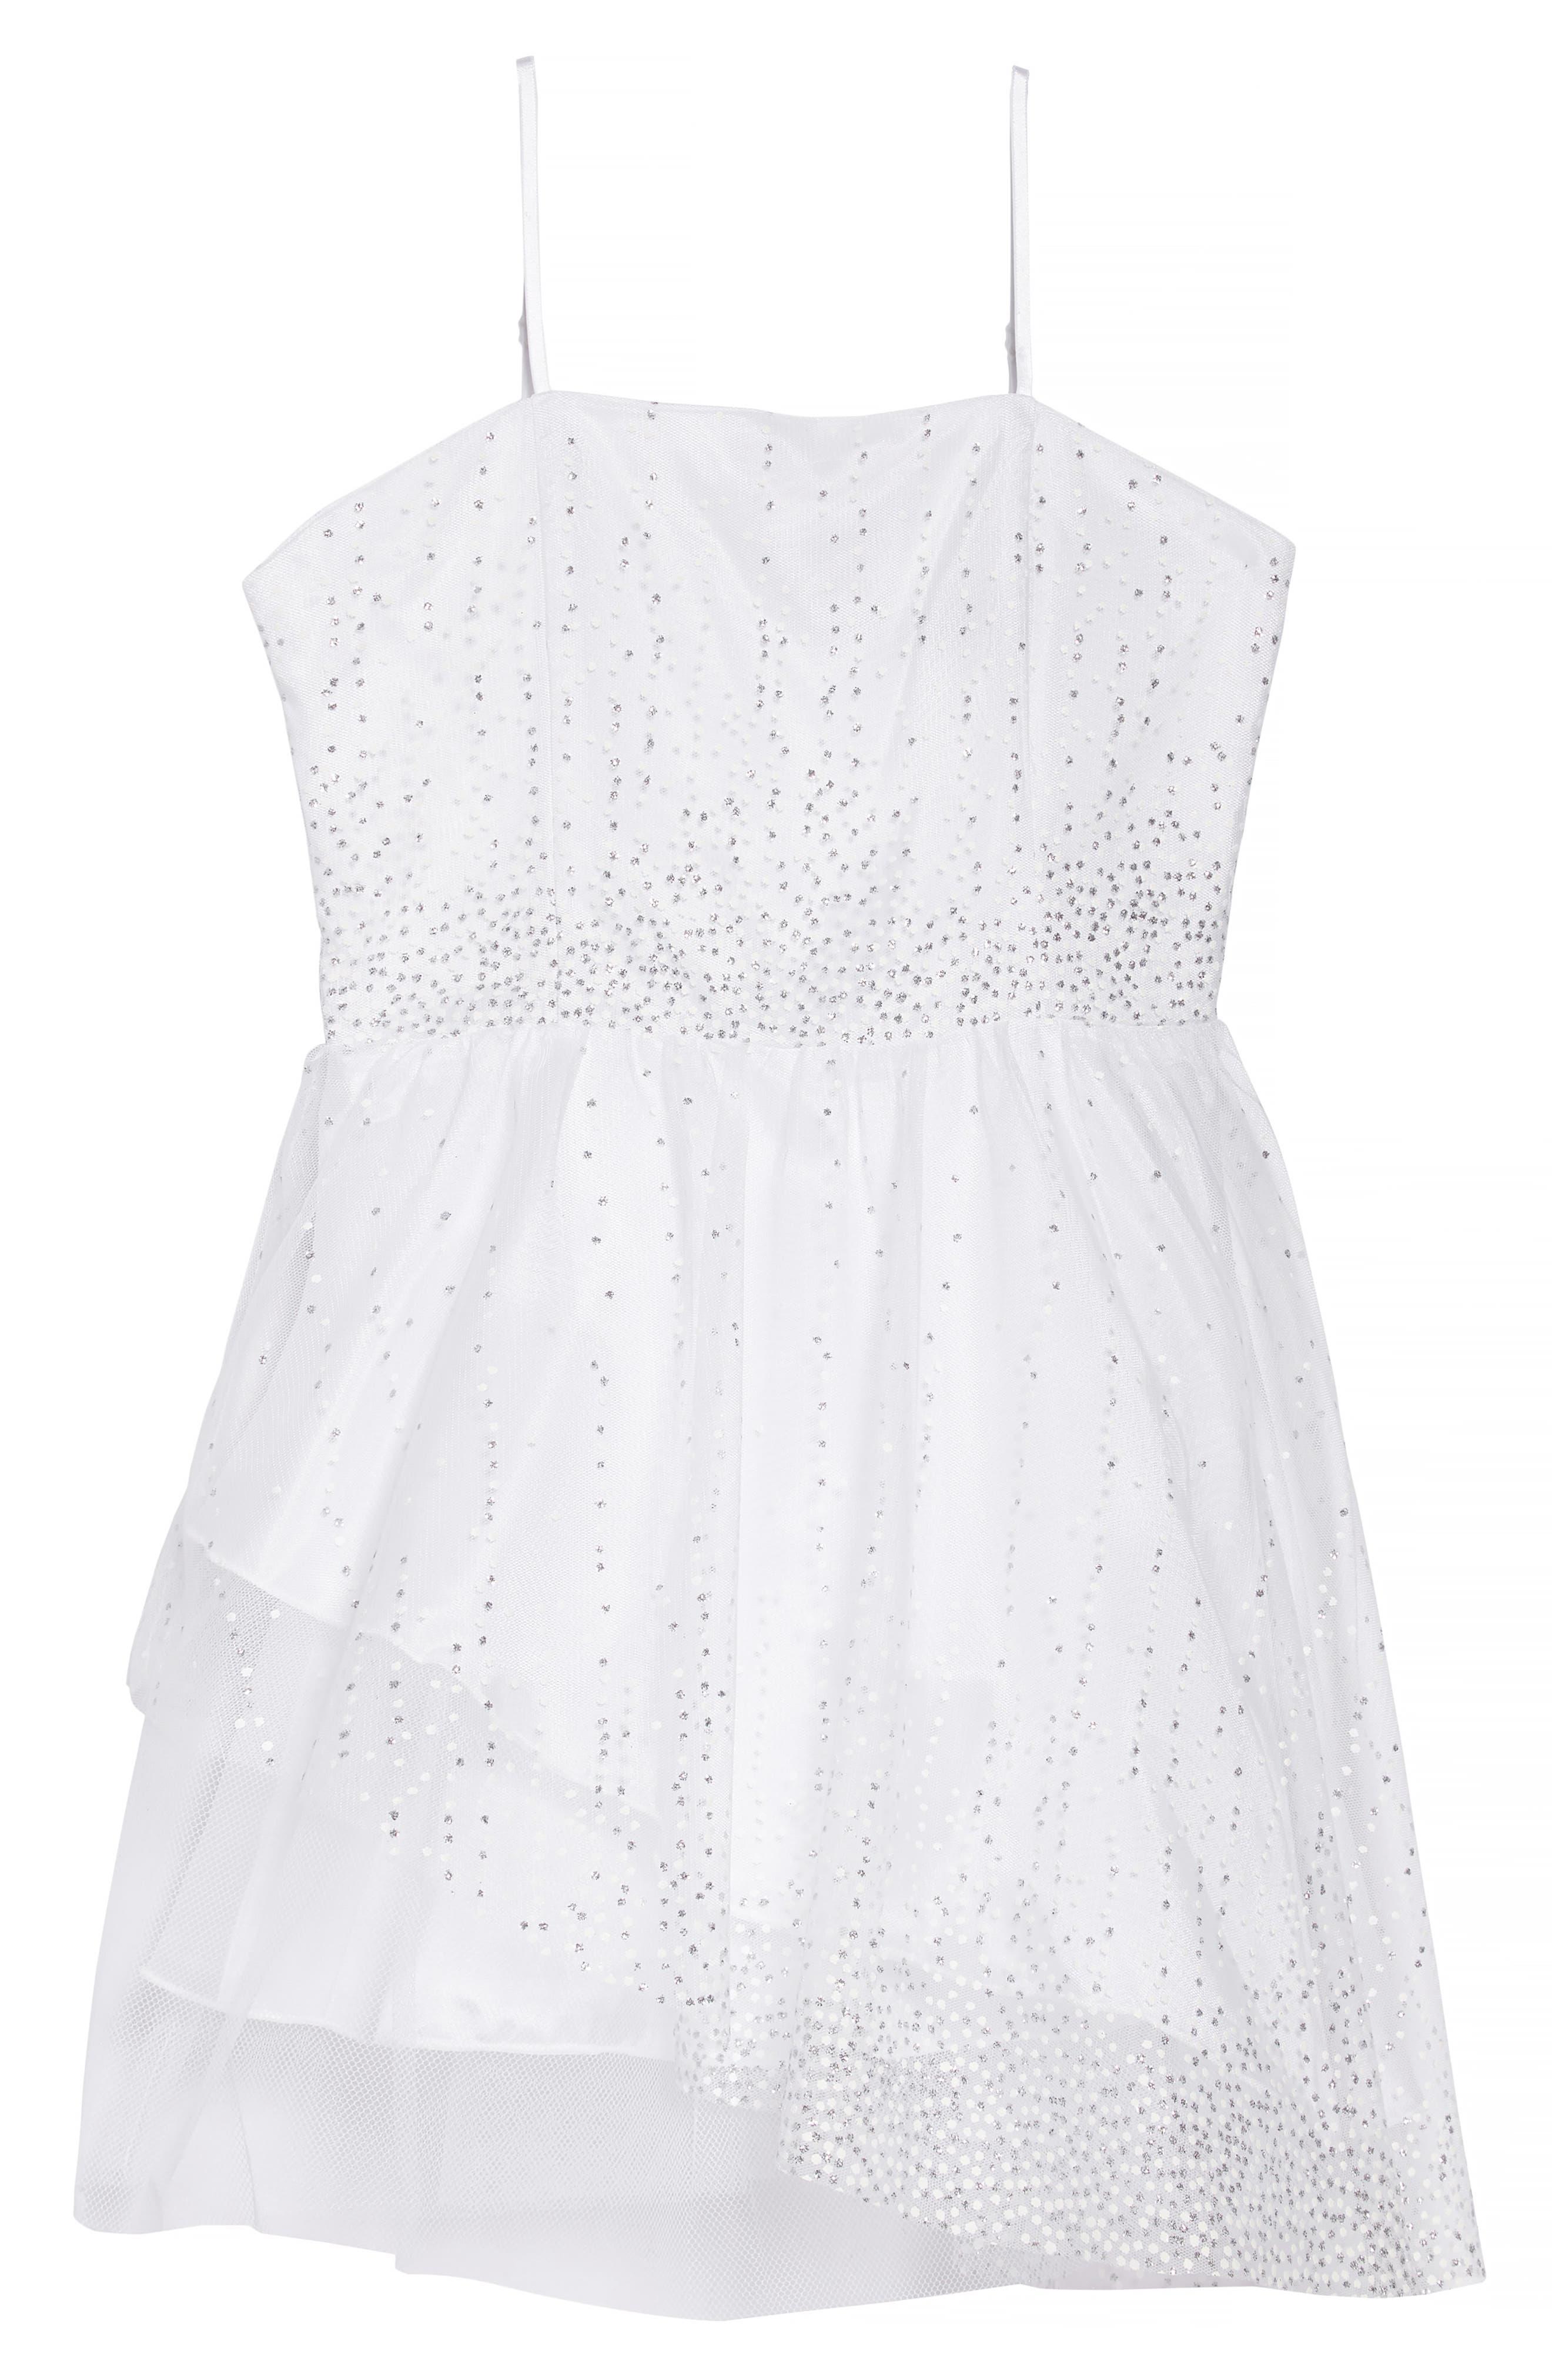 Sequin Dress,                             Main thumbnail 1, color,                             100